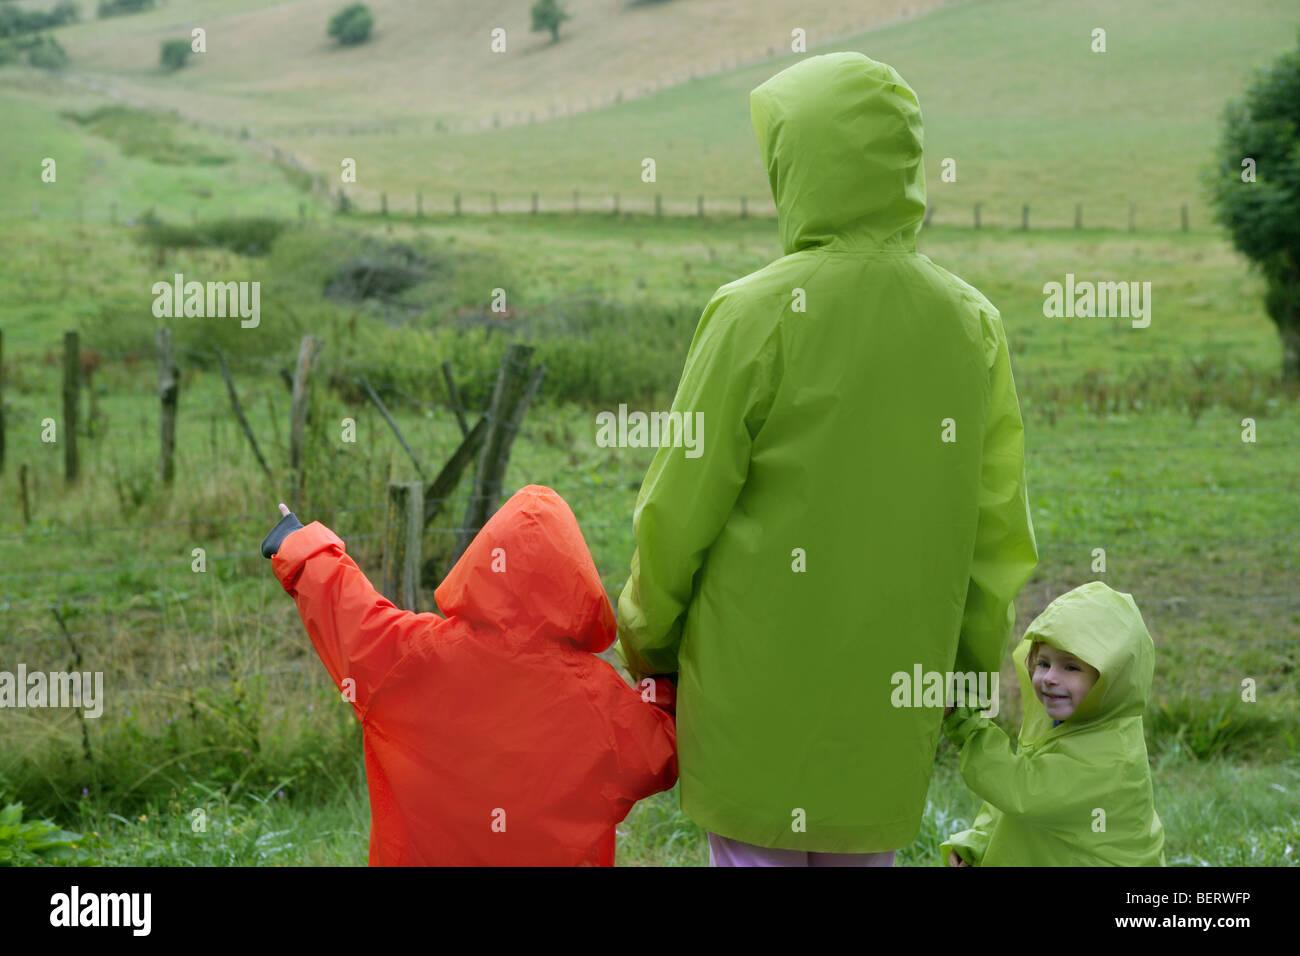 Verde prato con plastica impermeabile famiglia colorati nella parte anteriore Immagini Stock